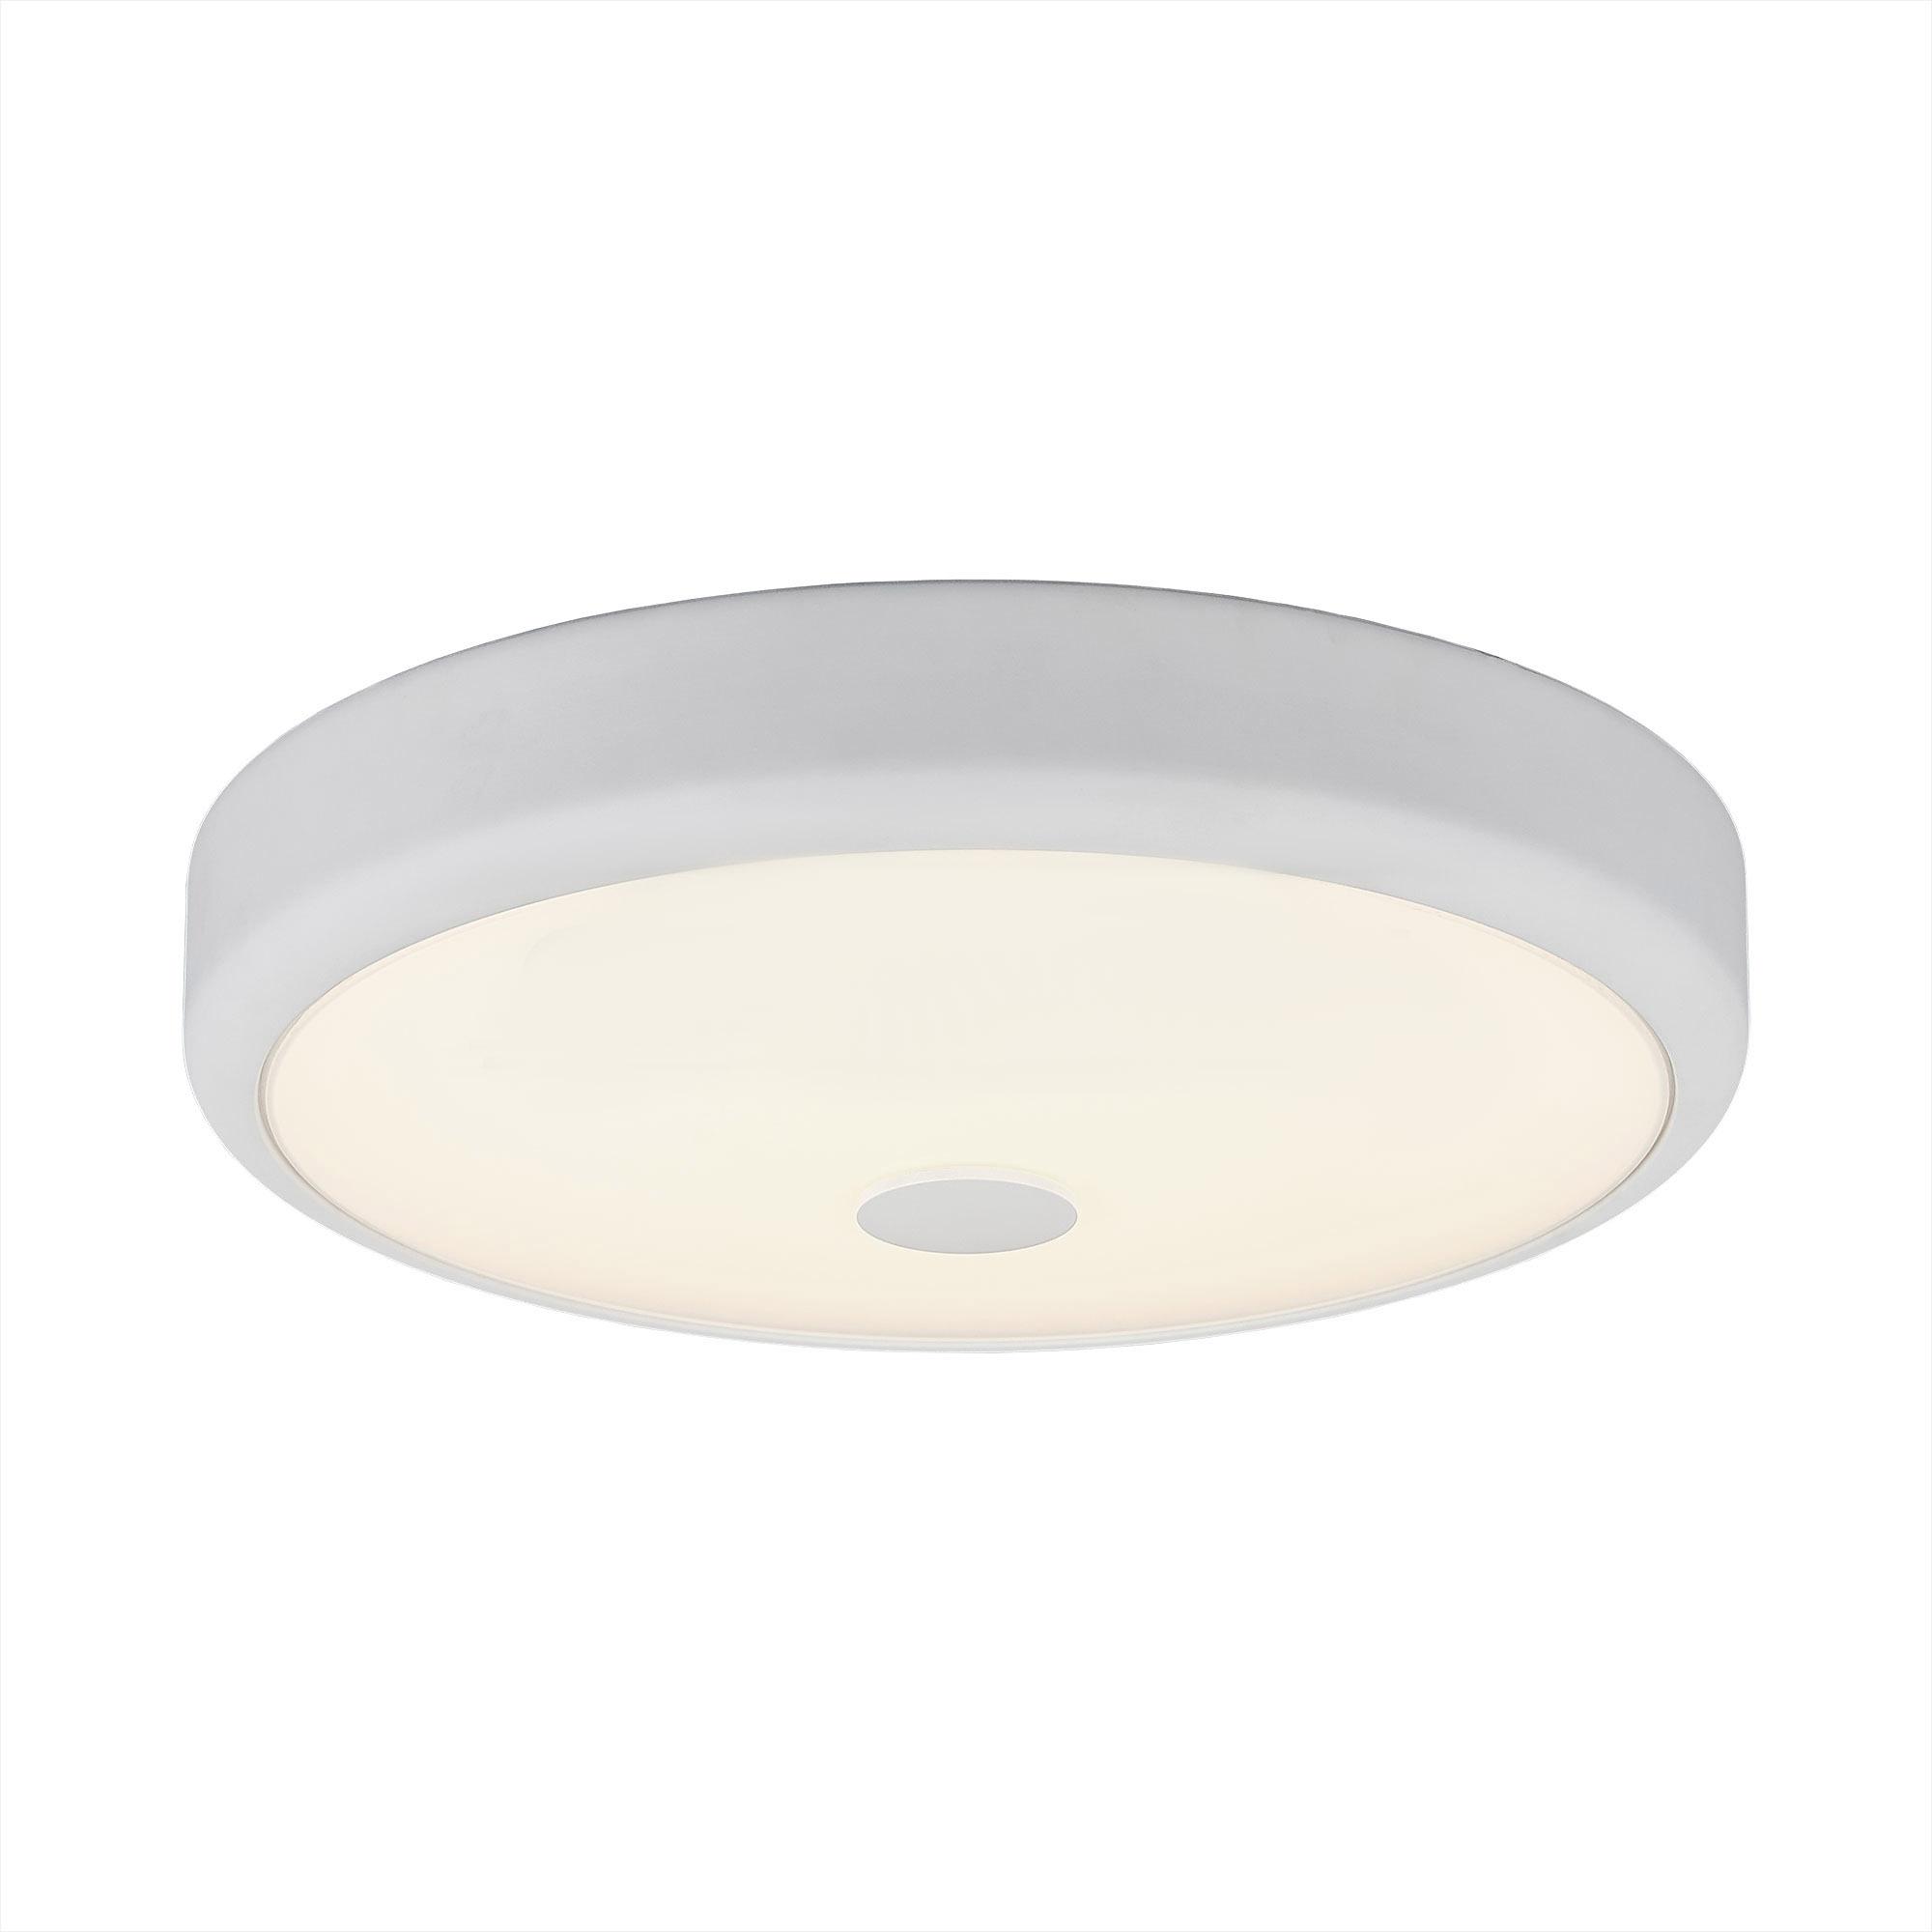 Светильник накладной светодиодный Citilux Фостер-1 белый CL706130 фото